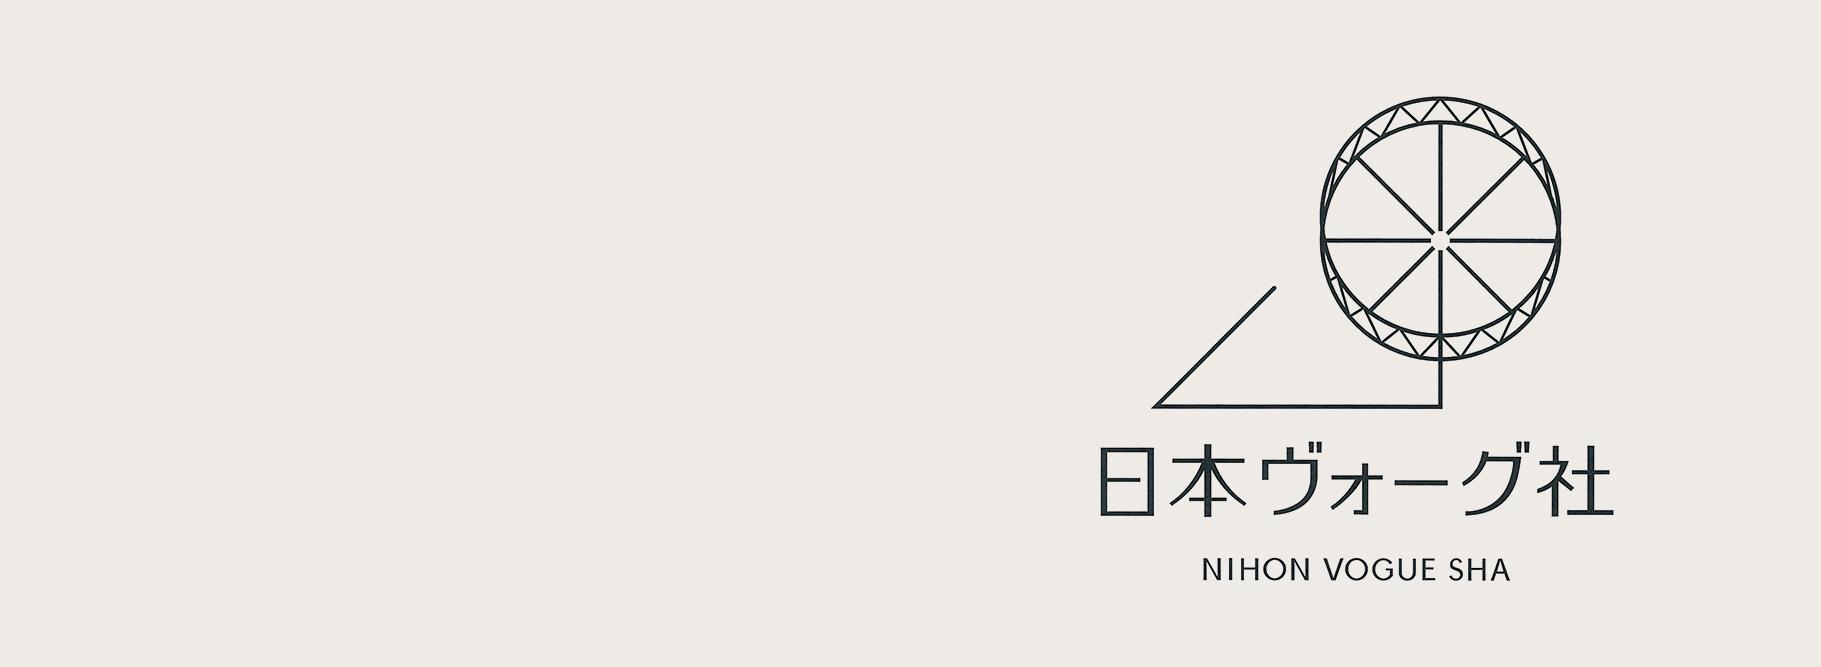 日本ヴォーグ社ロゴ